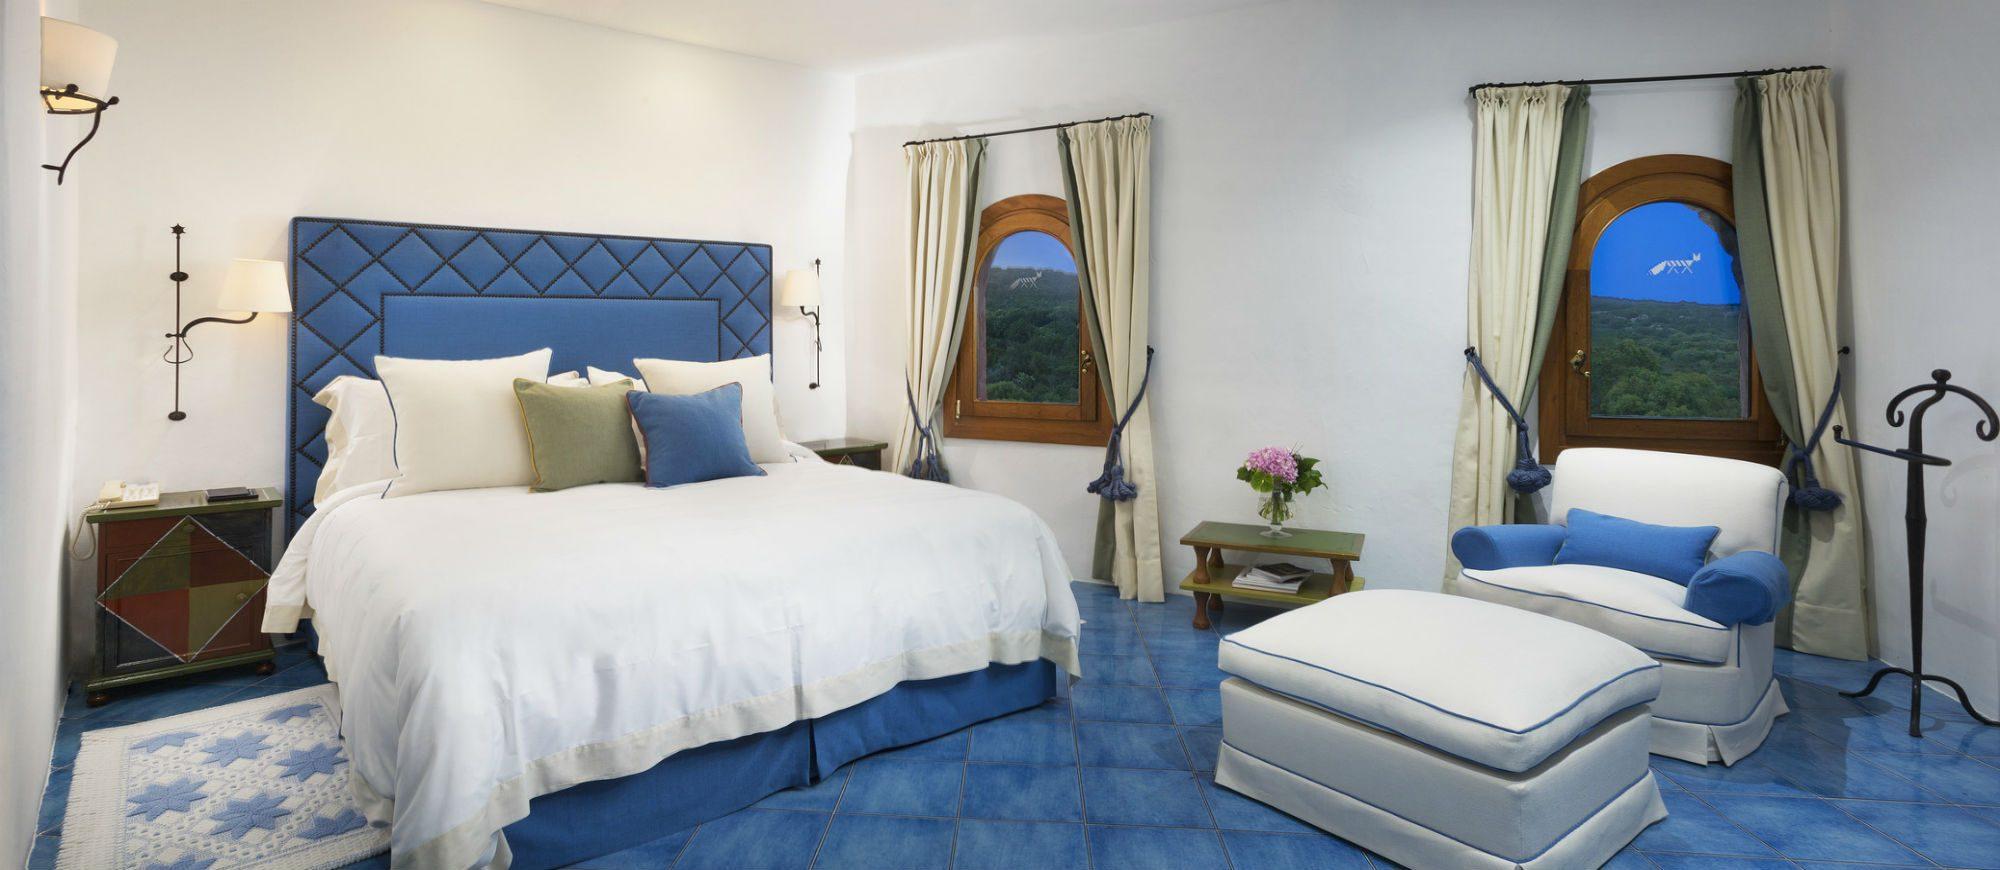 pent-main3-lux59gr-155336-penthouse-suite-bedroom